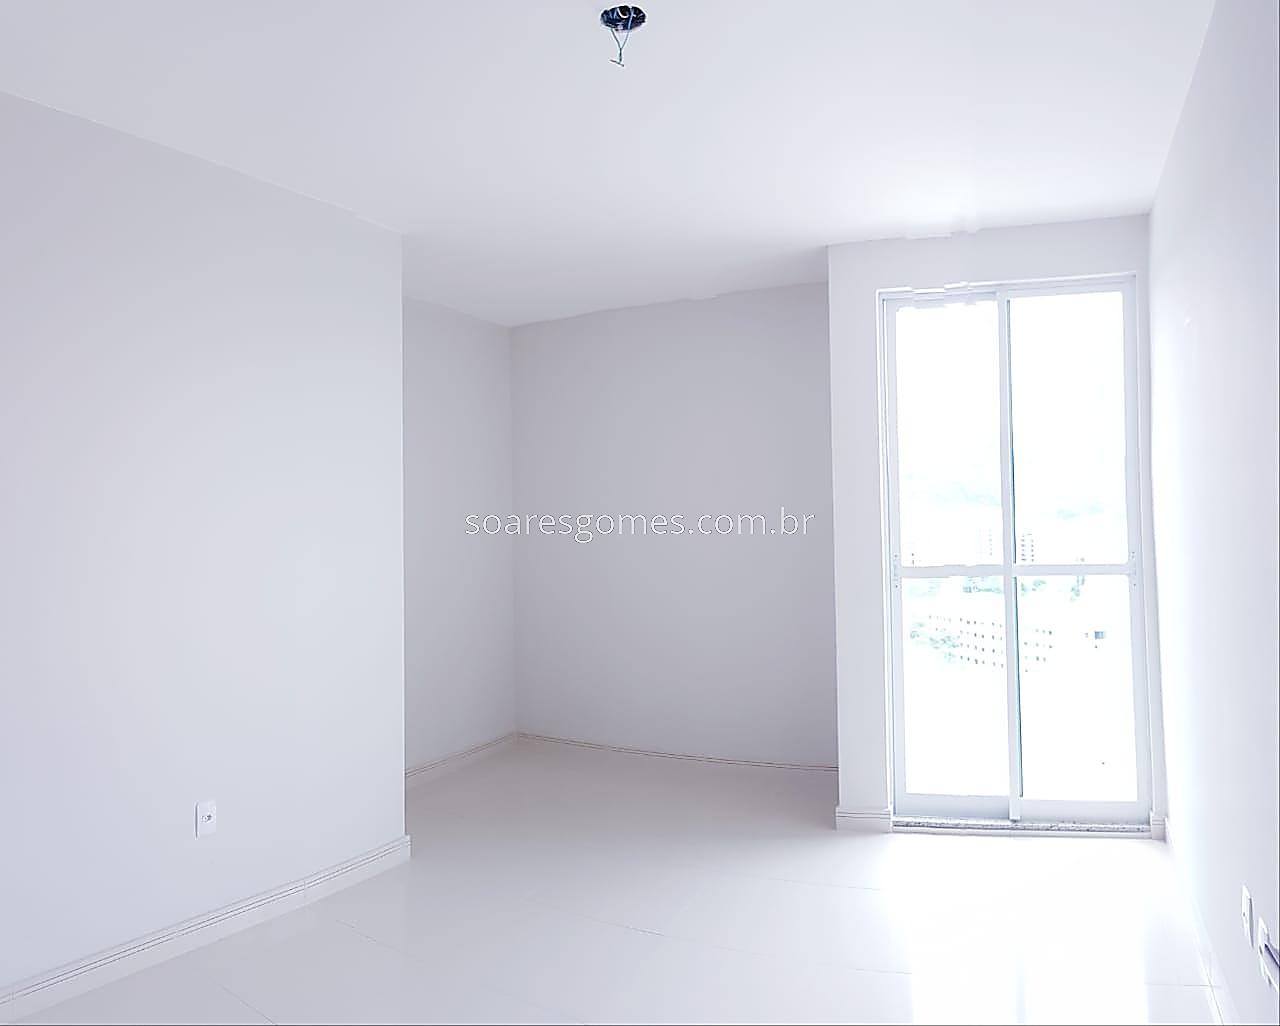 Apartamento à venda em Granbery, Juiz de Fora - MG - Foto 9